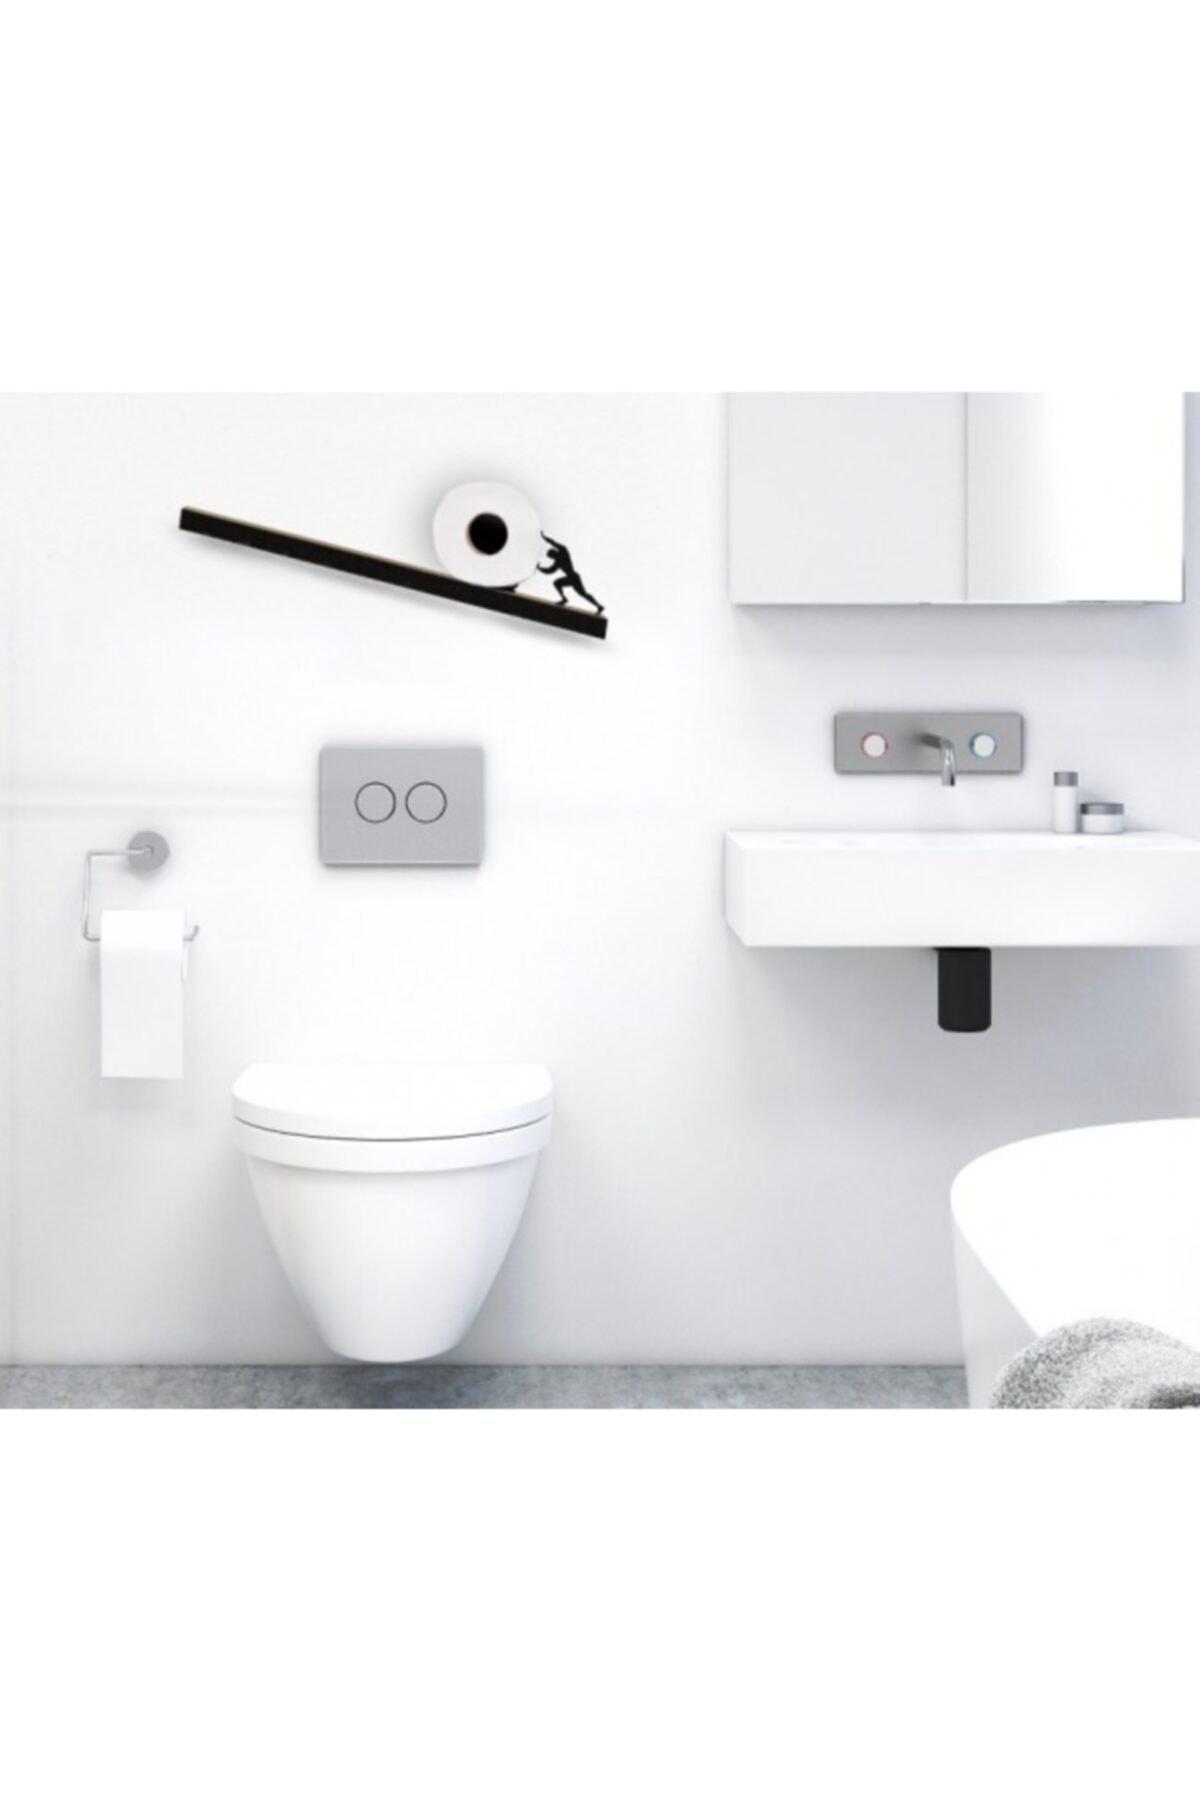 bluecape Sisyphos Figürlü Ahşap Demir Wc Banyo Rulo Peçete Tuvalet Kağıdı Standı Rafı Kampanyalı 2